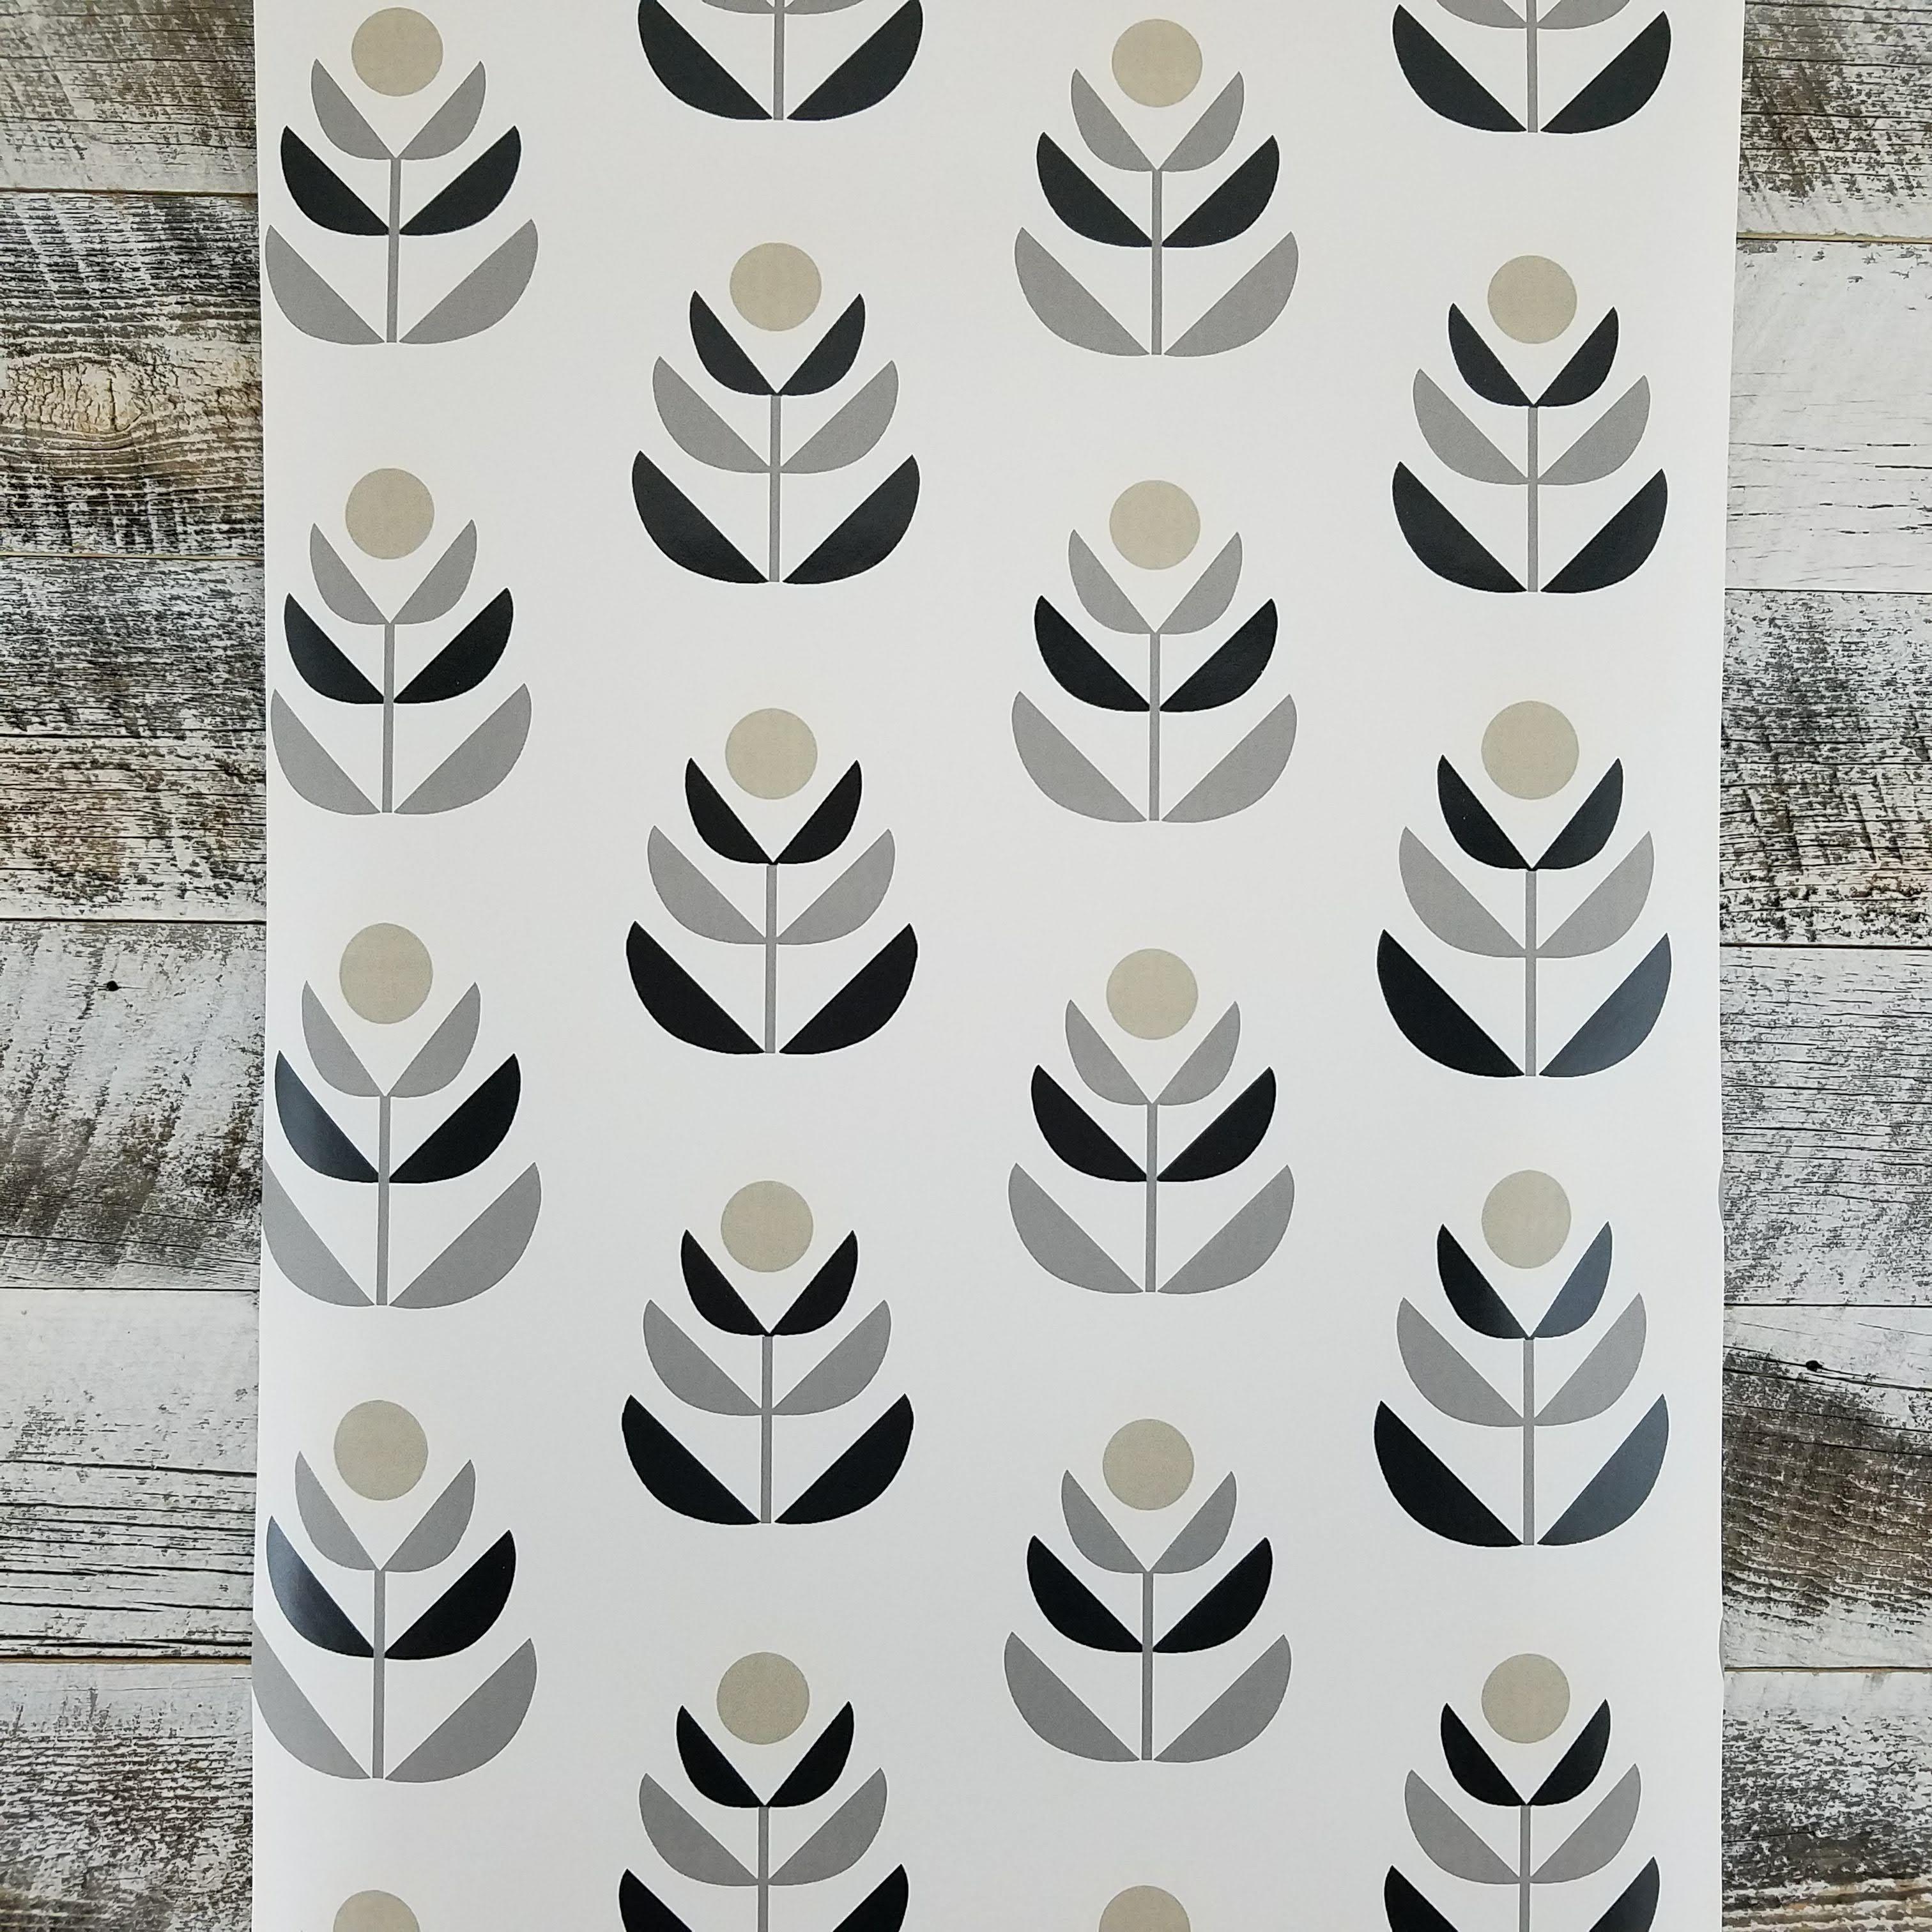 Oslo Black Geometric Tulip Wallpaper Contemporary